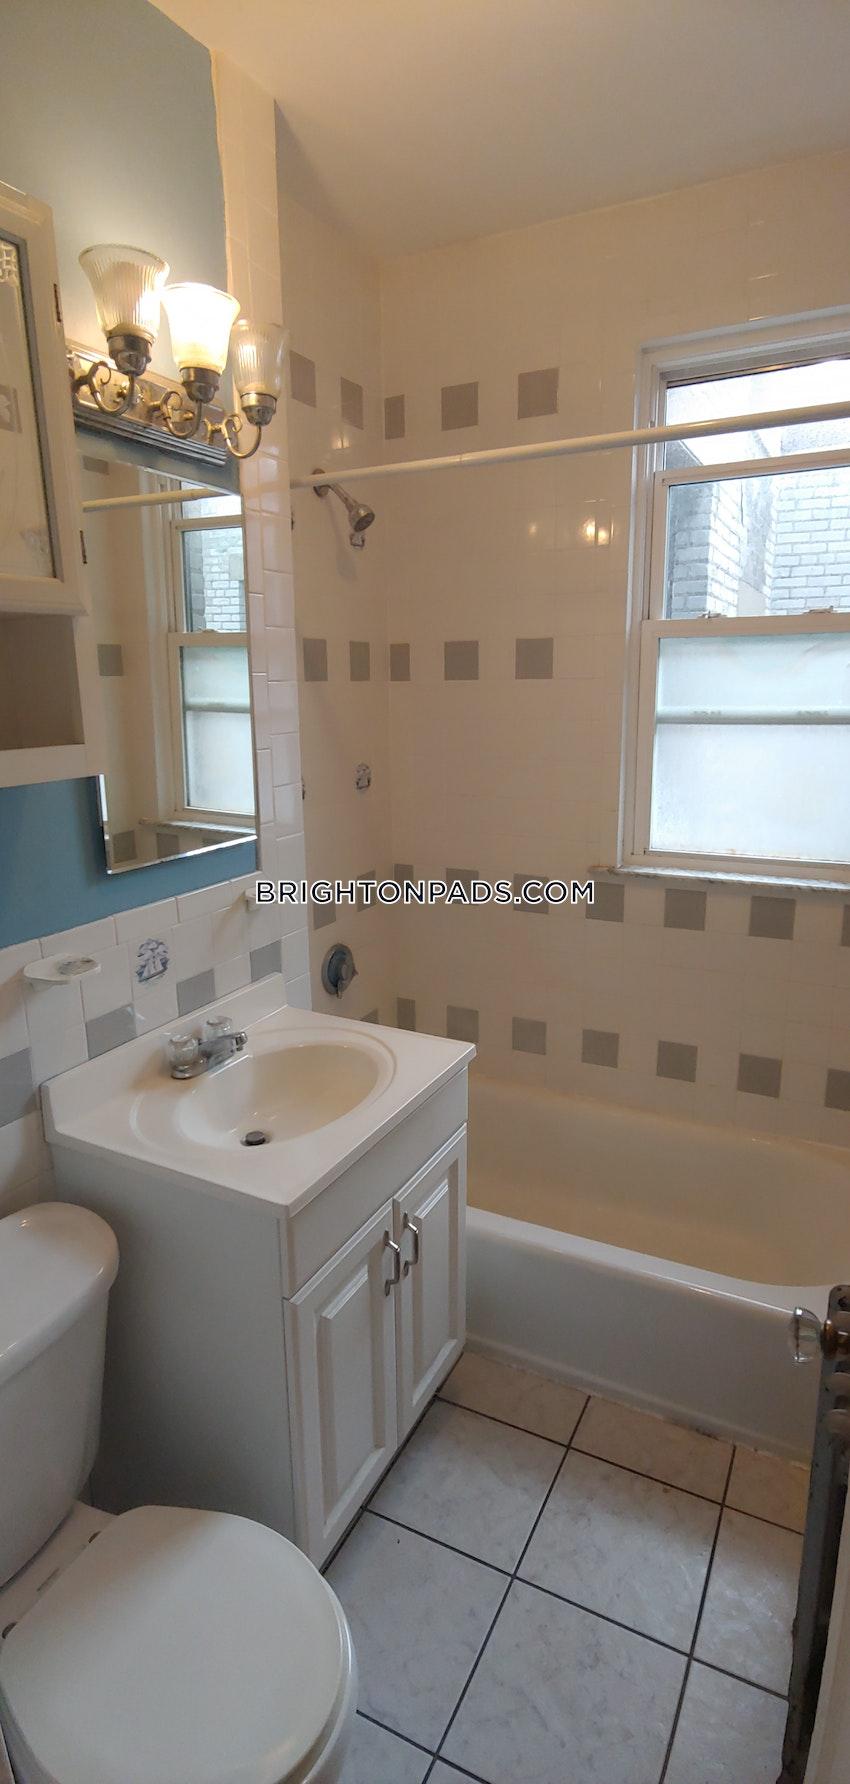 BOSTON - BRIGHTON - BOSTON COLLEGE - 1 Bed, 1 Bath - Image 11